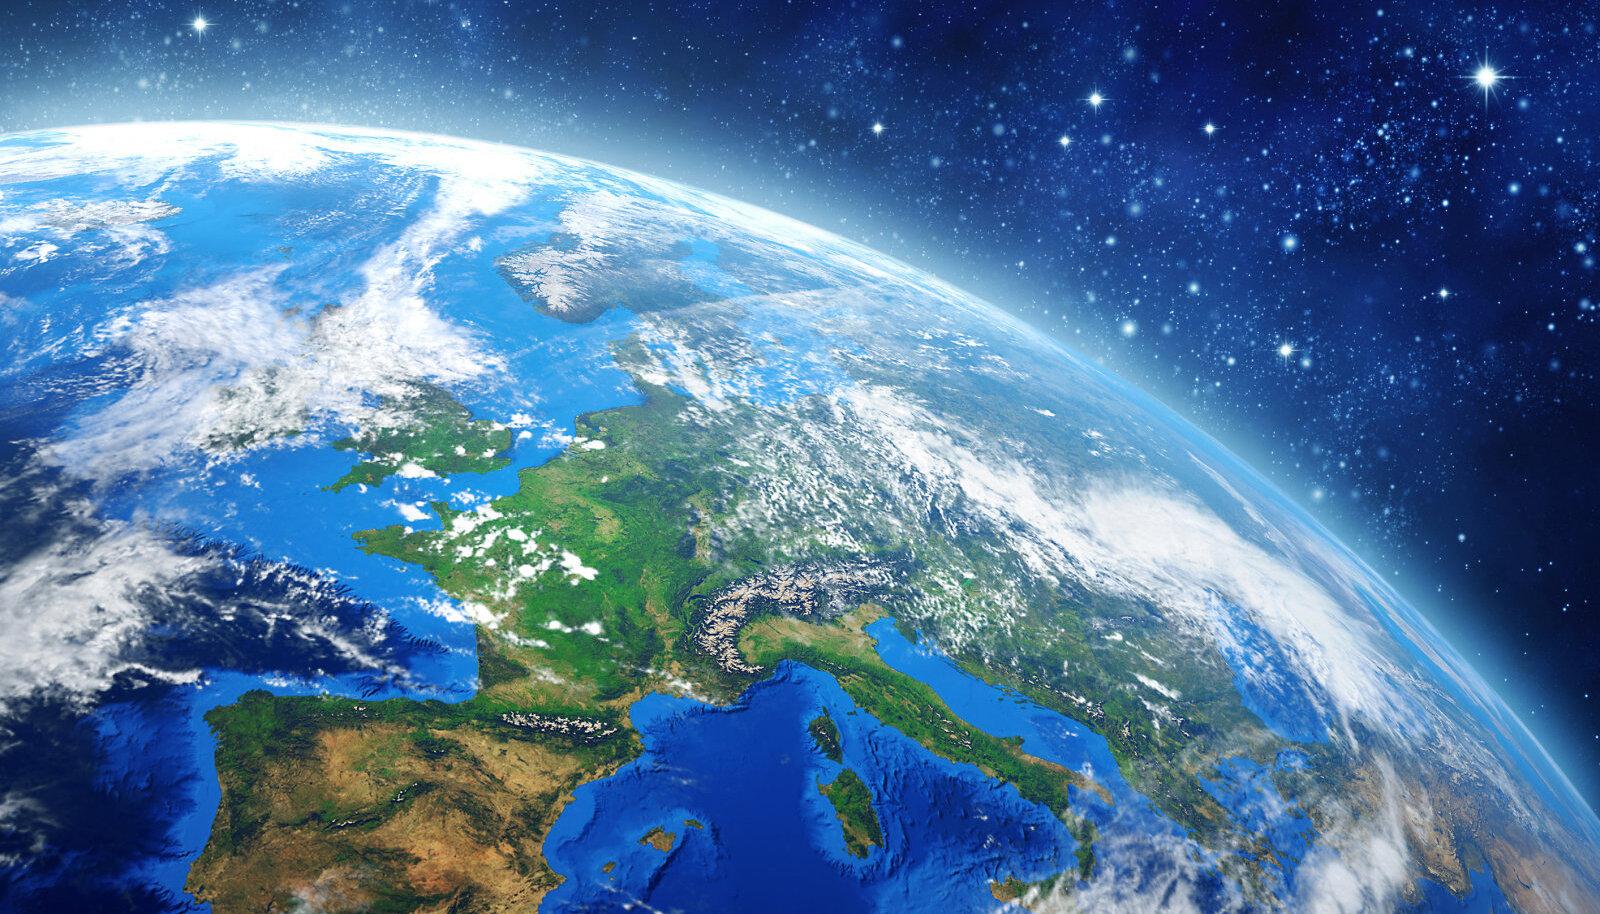 Kas elu Maal on väljasuremisohus?